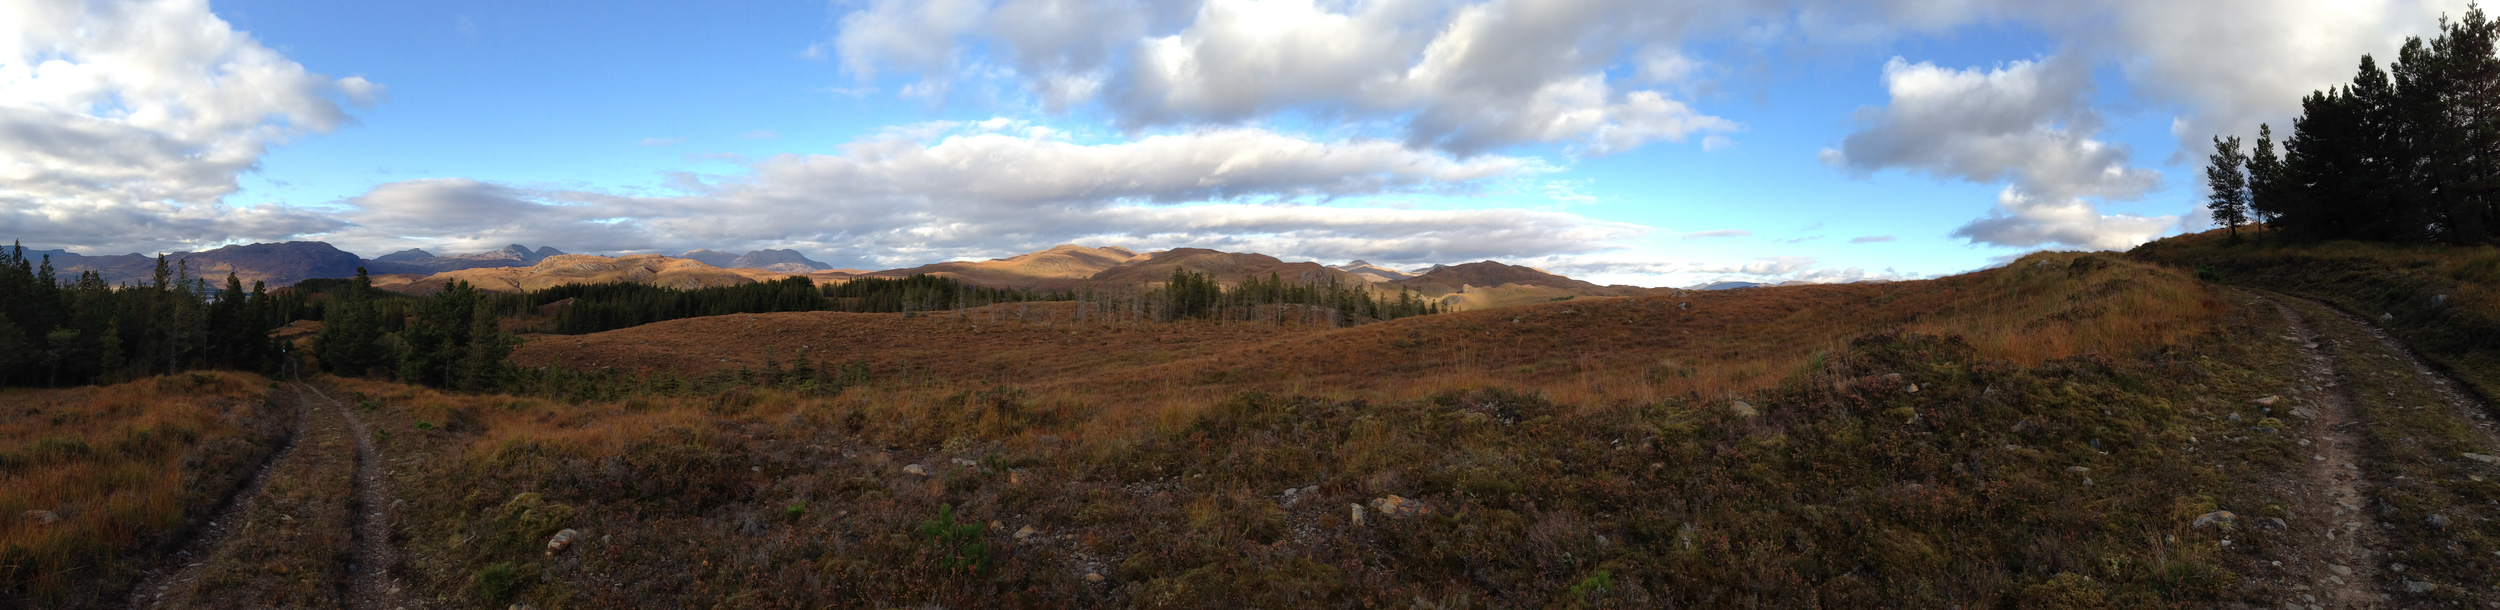 Panorama near Loch an Iasaich.jpg